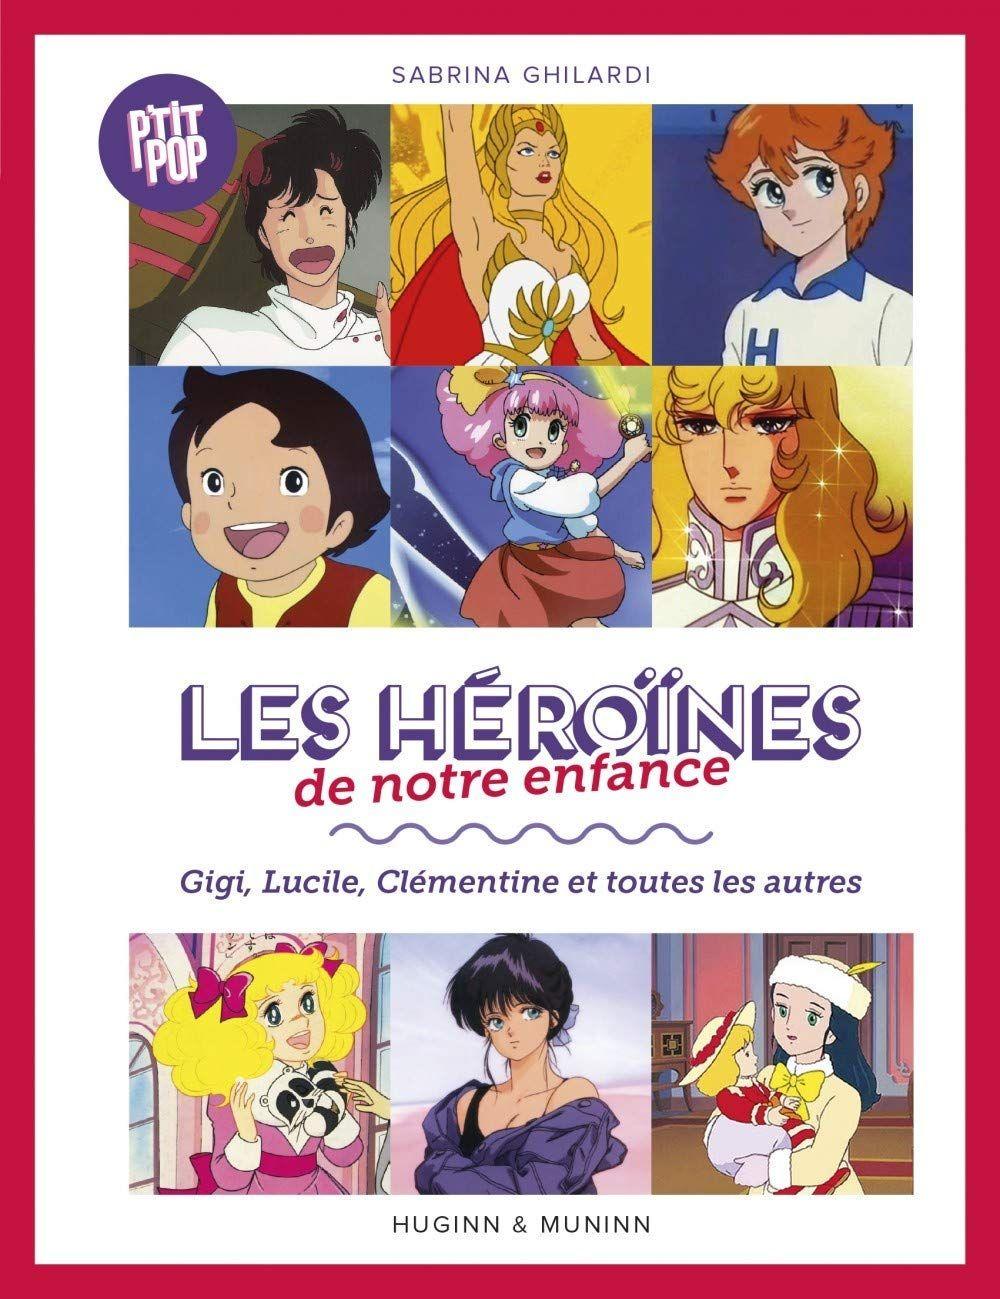 Les Héroïnes de notre enfance se dévoilent chez Huginn & Muninn Heroines-de-notre-enfance-huginn